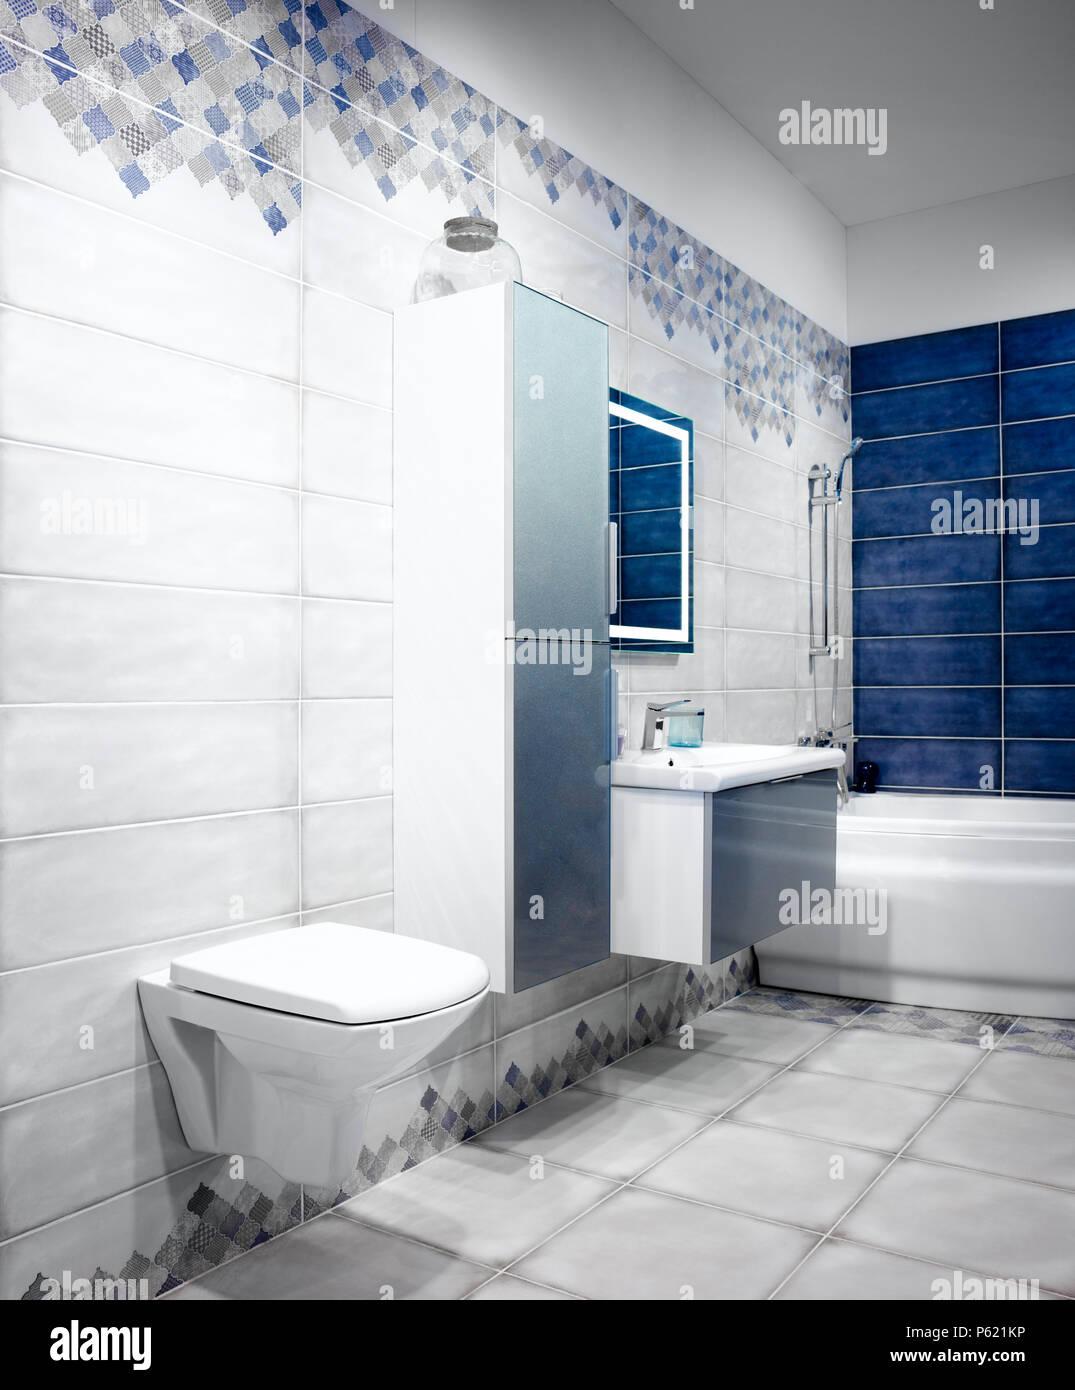 Bagno Mobili E Accessori.Bianco E I Toni Di Blu Moderno Bagno Interno Con Appeso Wc